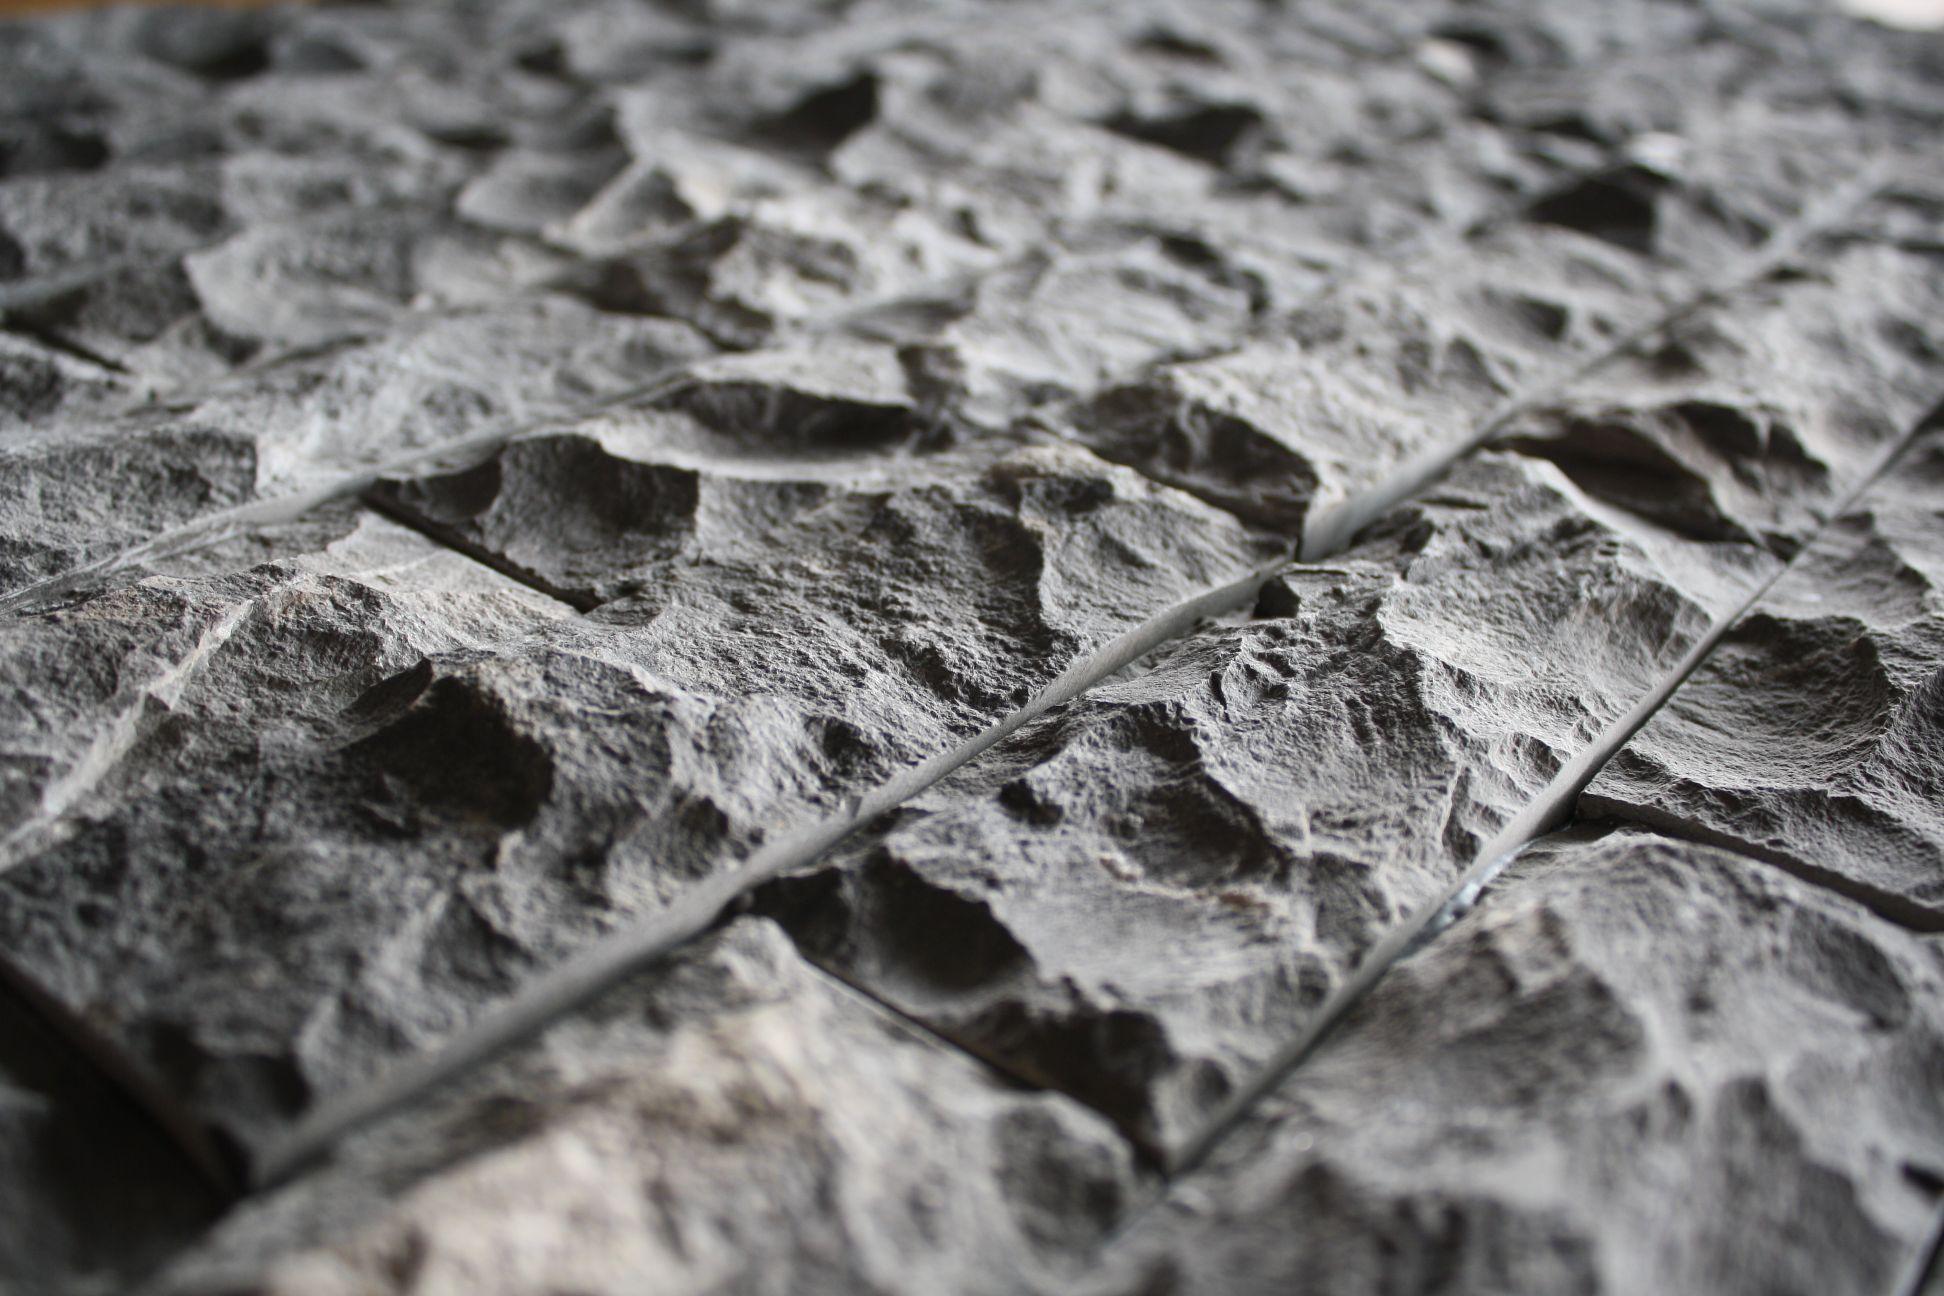 1m wandverkleidung marmor naturstein riemchen klinker - Klinker naturstein ...